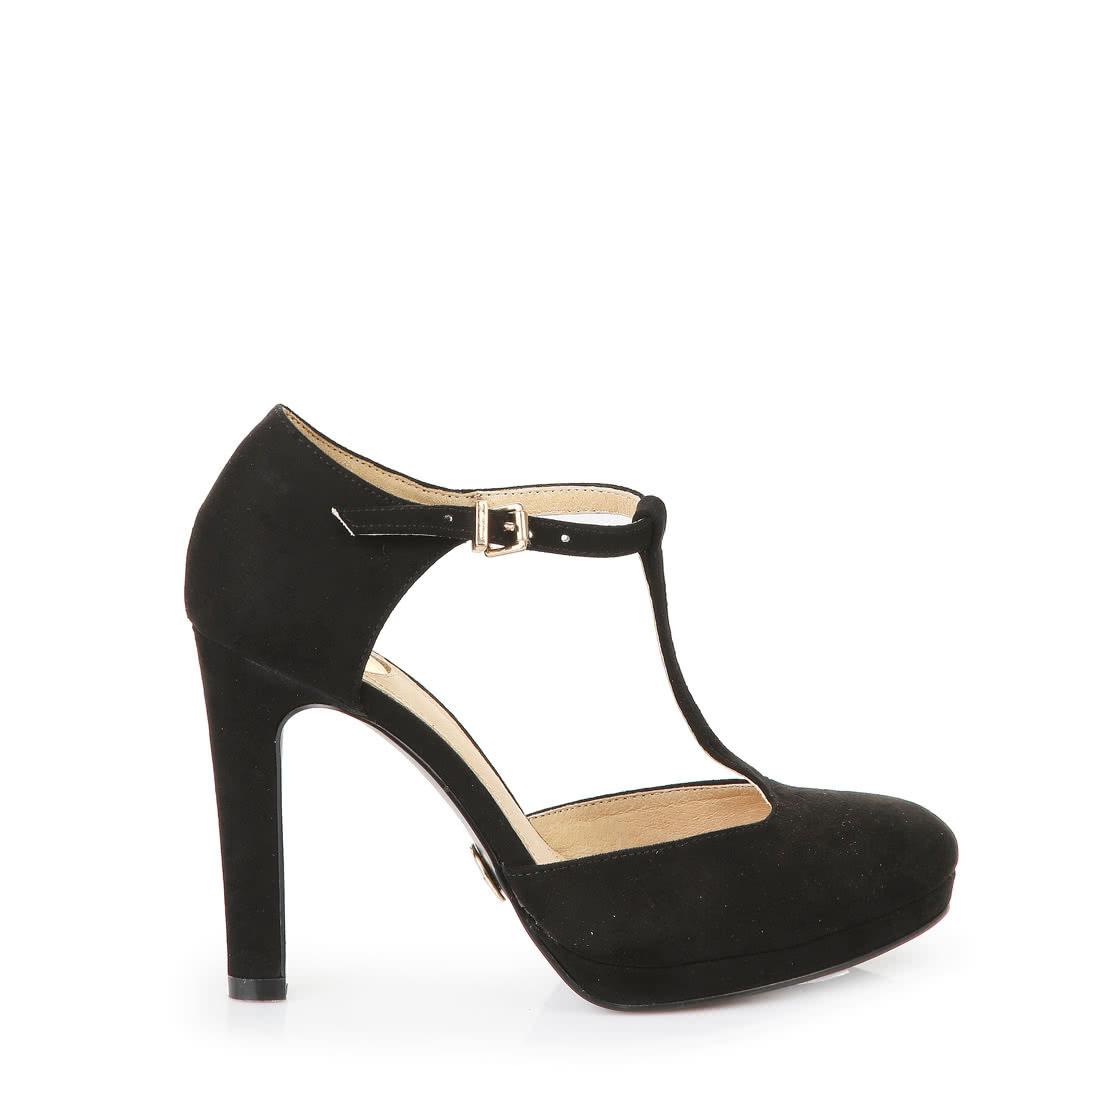 Mary Jane pumps buffalo buffalo mary jane heels in black OUUDTCS